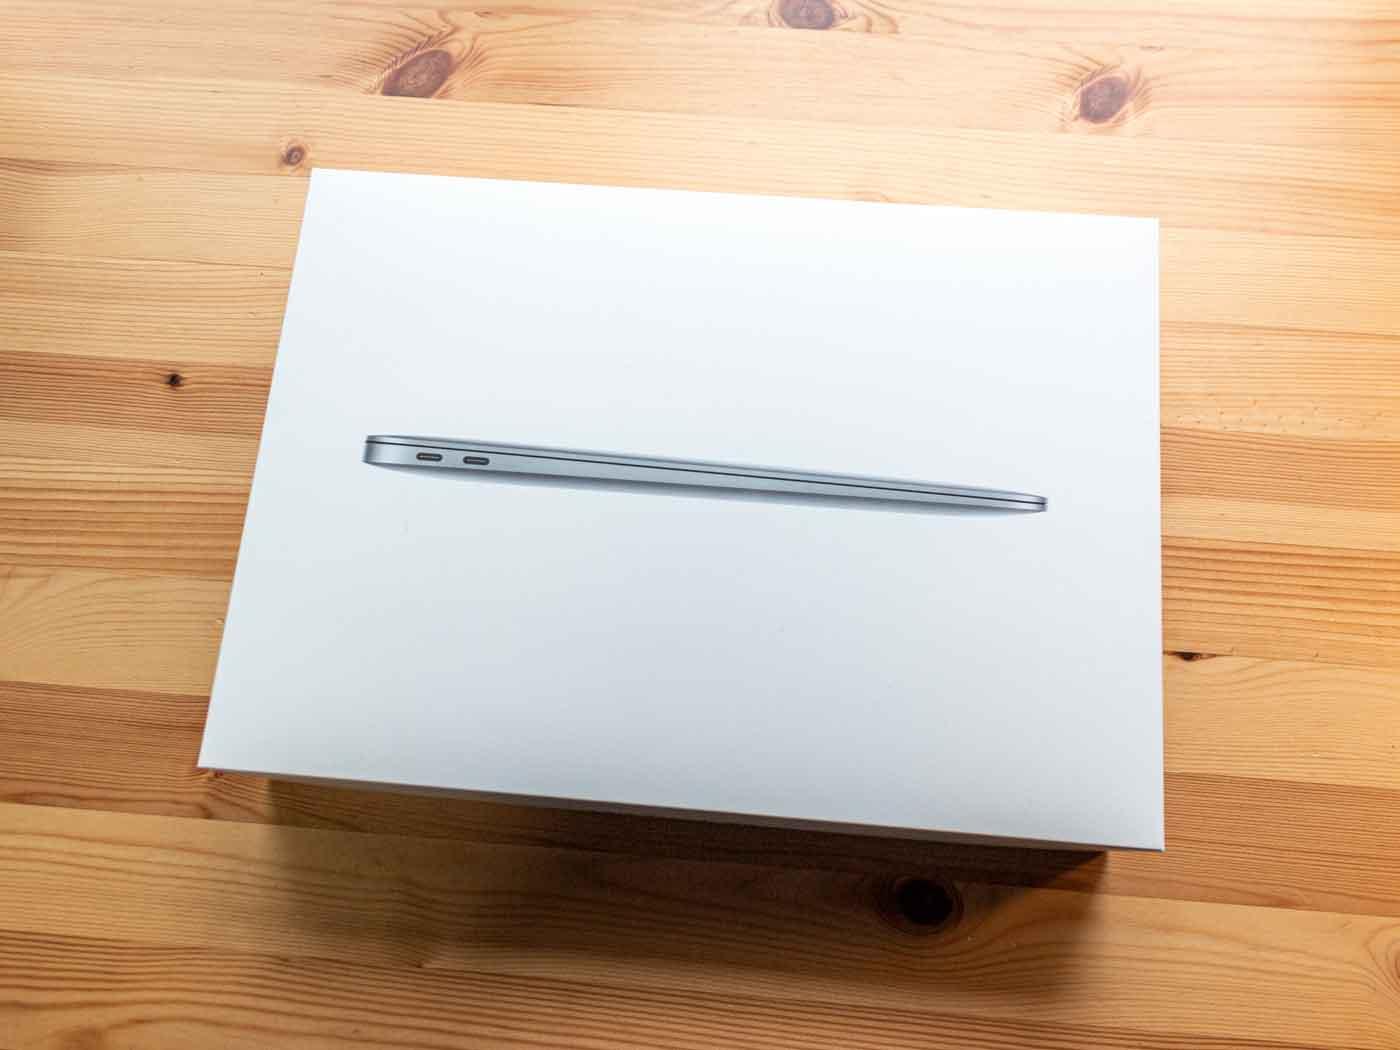 MacBook Airの箱